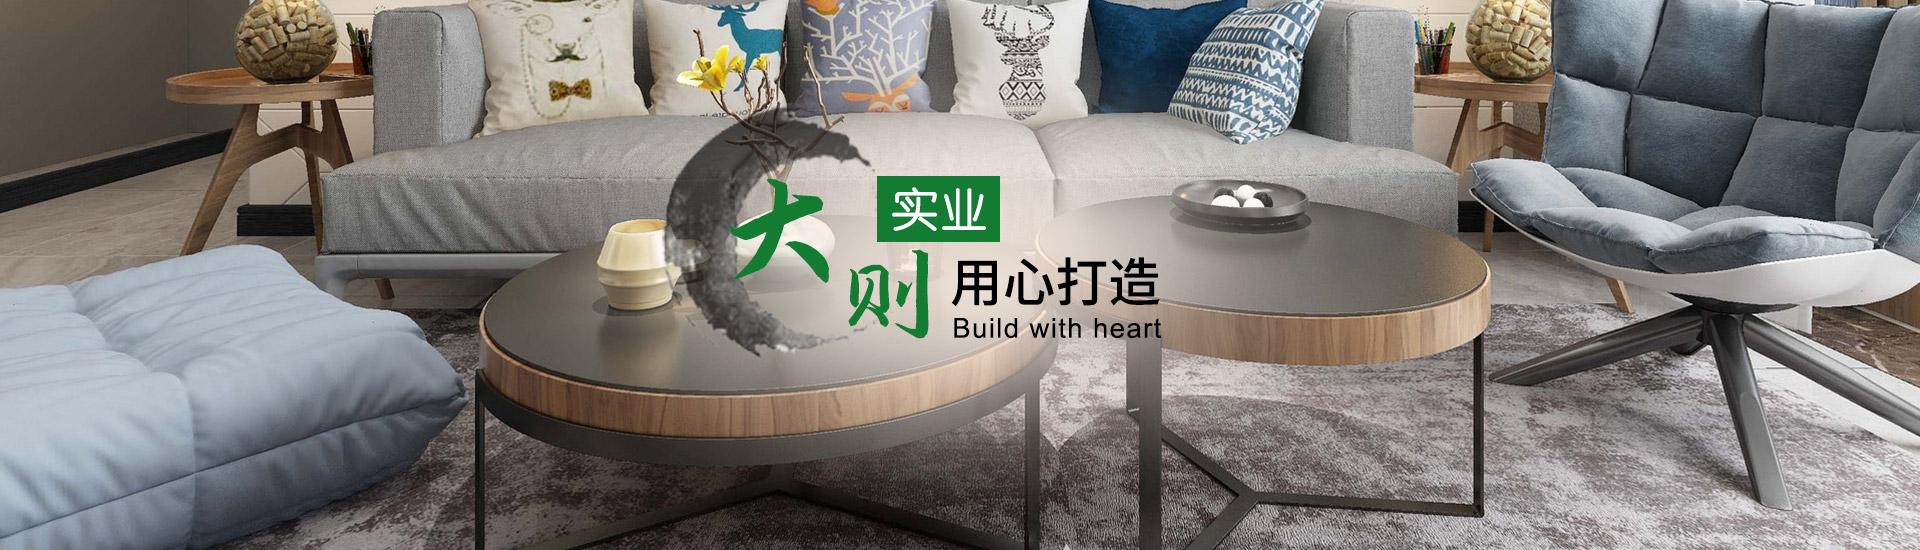 上海大则实业有限公司